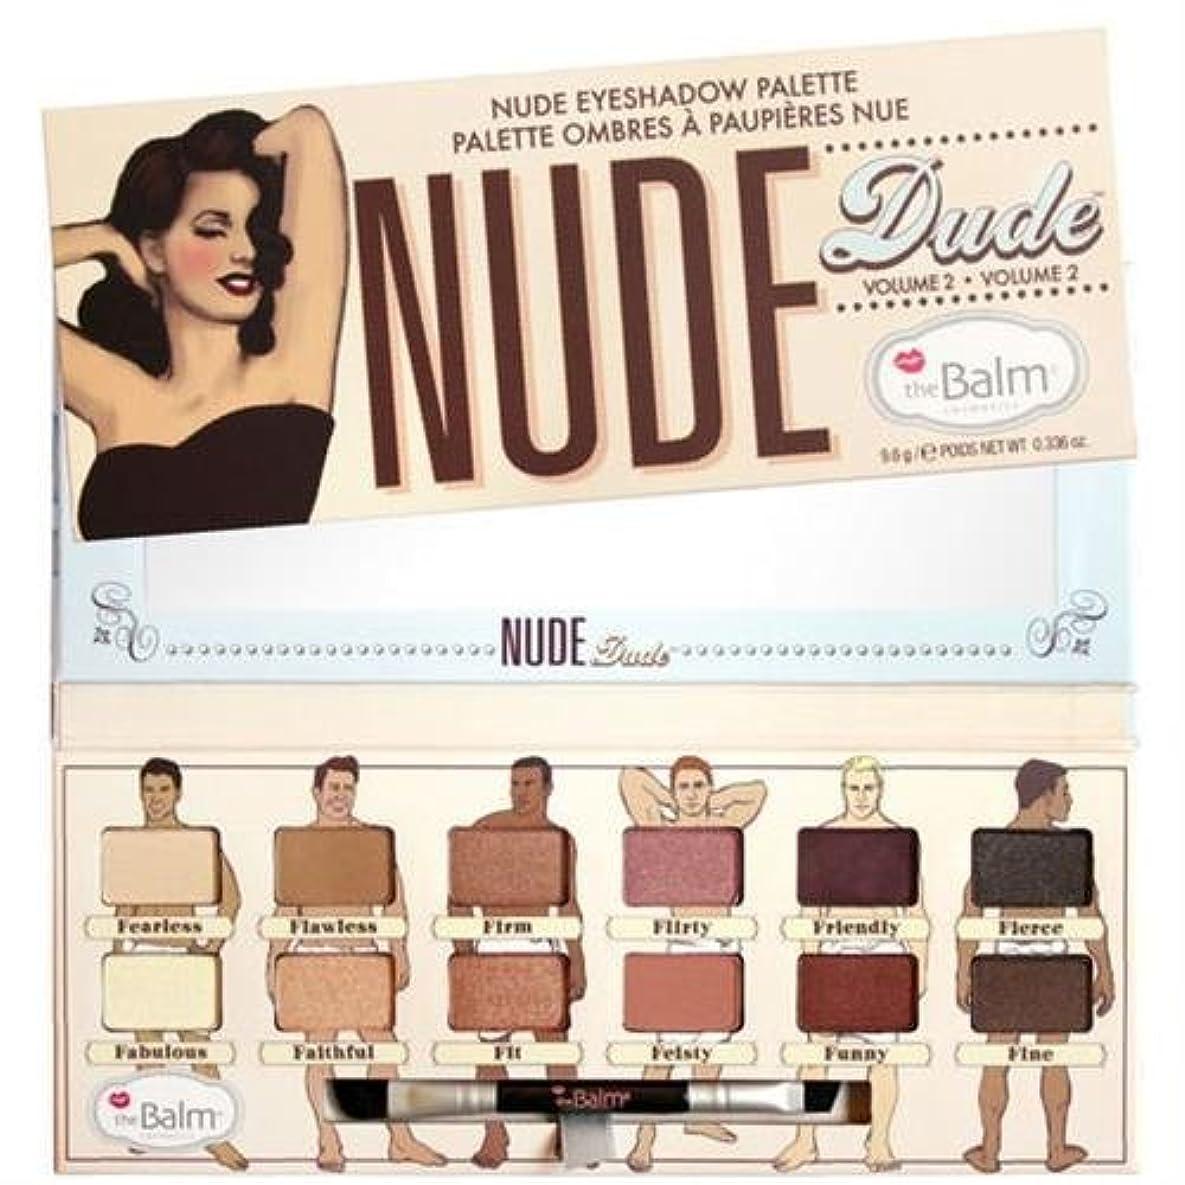 鷹するマナーThebalm Nude Dude Nude Eyeshadow Palette (並行輸入品) [並行輸入品]